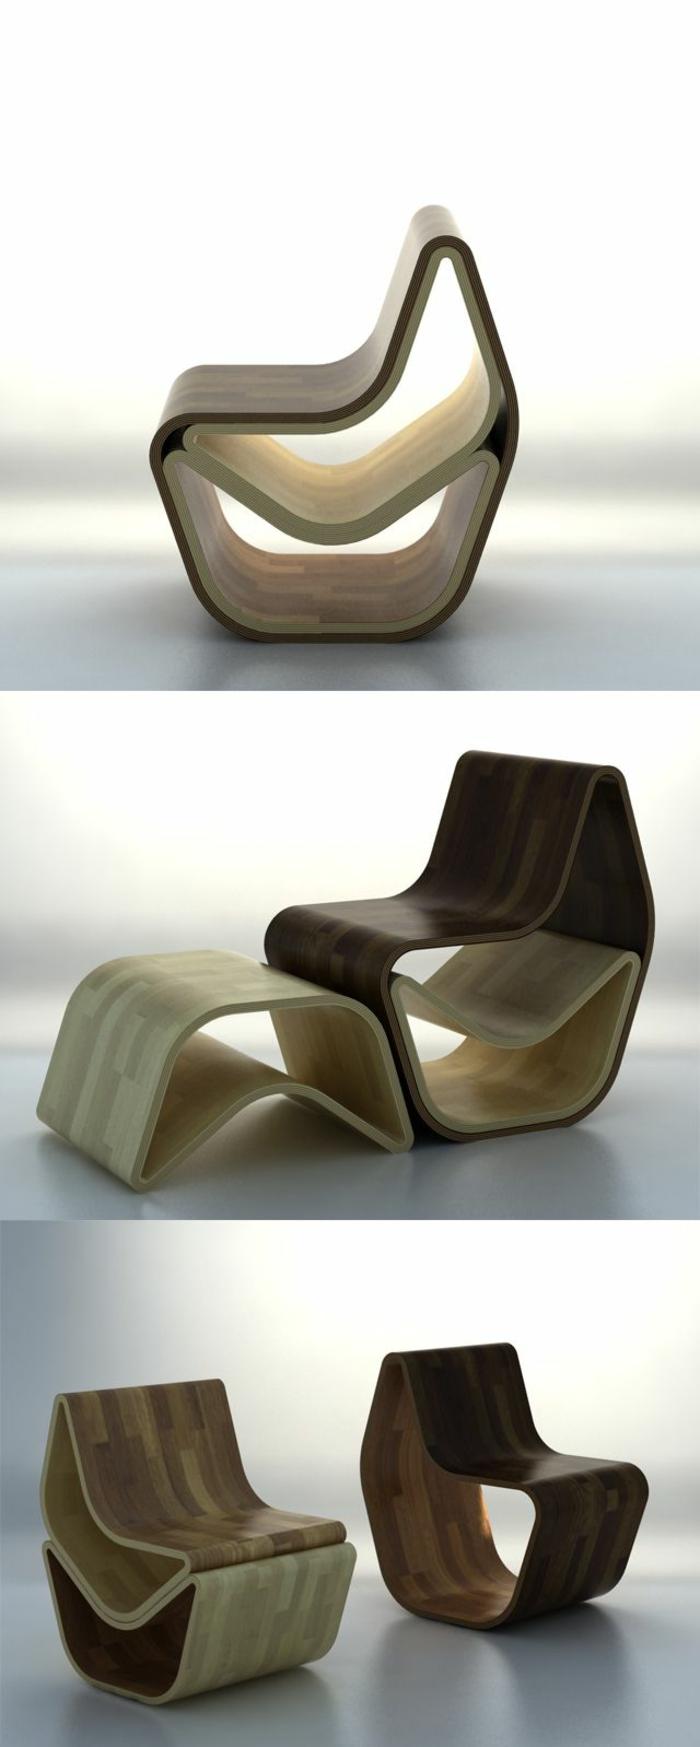 platzsparende-möbel-moderne-sessel